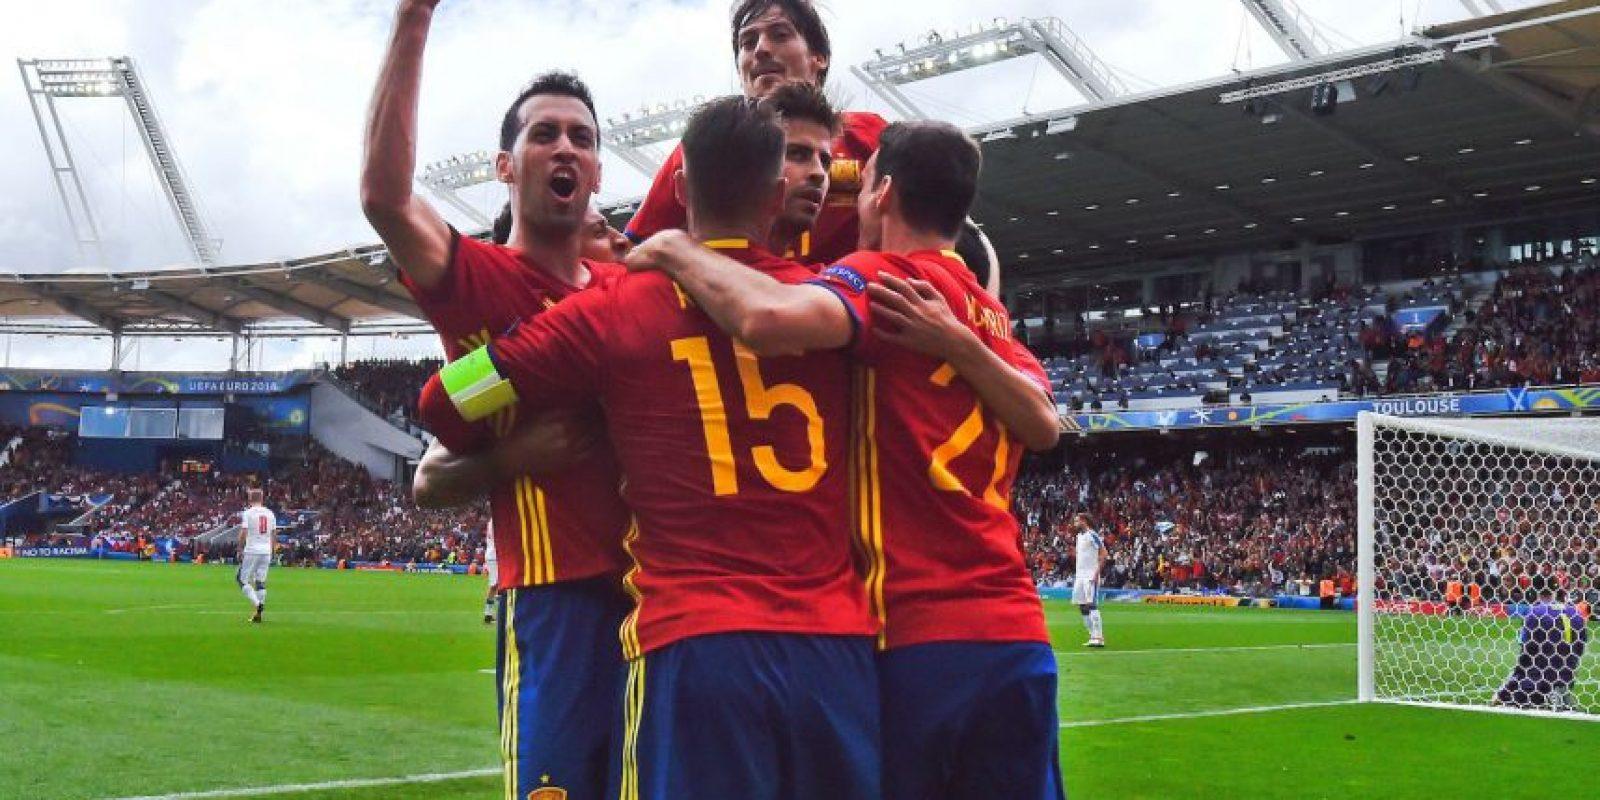 Mientras todos estaban locos celebrando, Gerard Piqué no le quitaba la mirada a los hinchas Foto:Getty Images